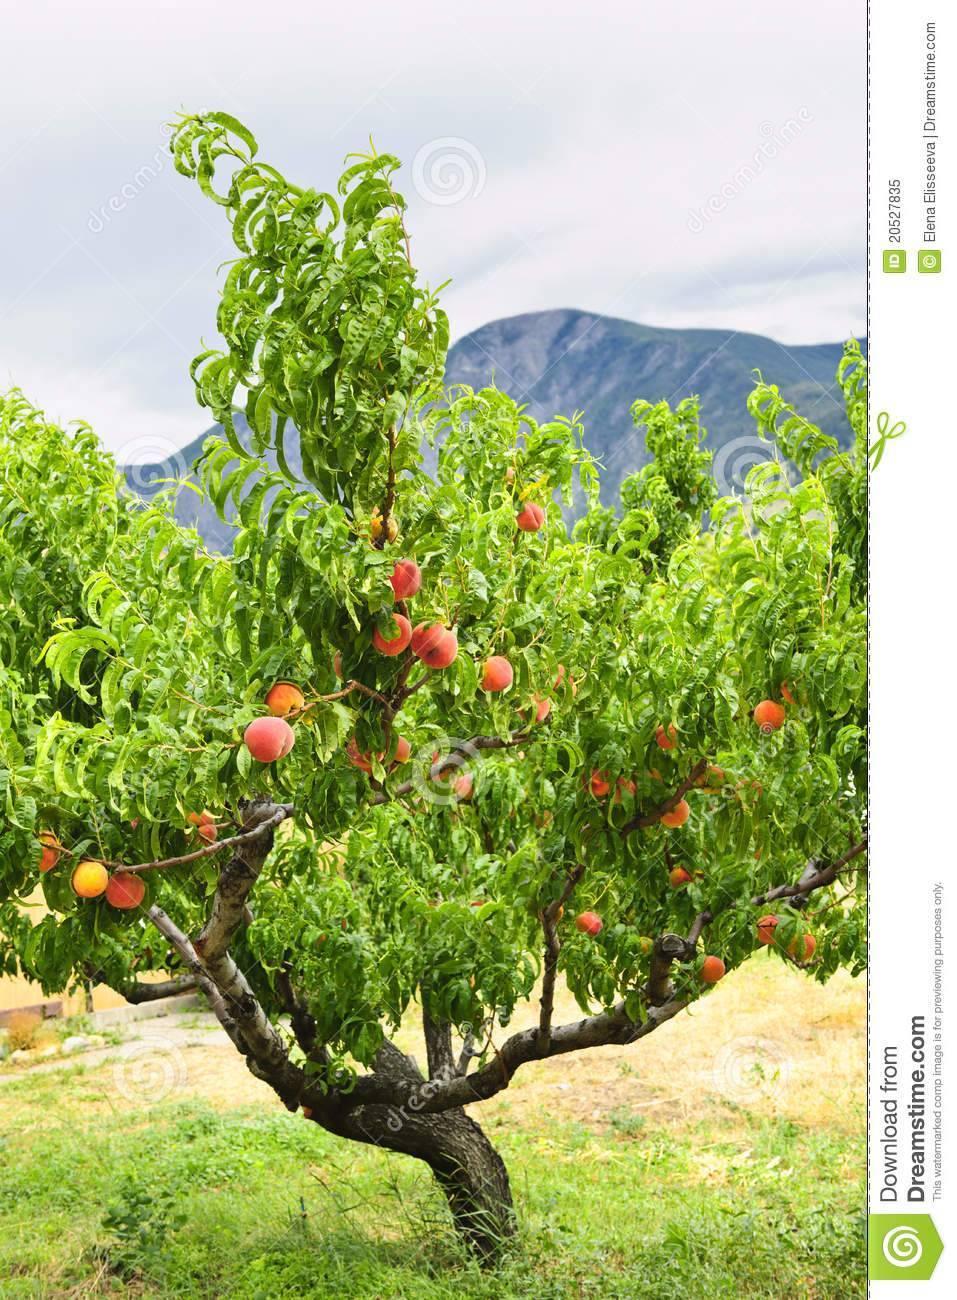 Как правильно посадить персик весной - видео   посадка персика из косточки, саженцем